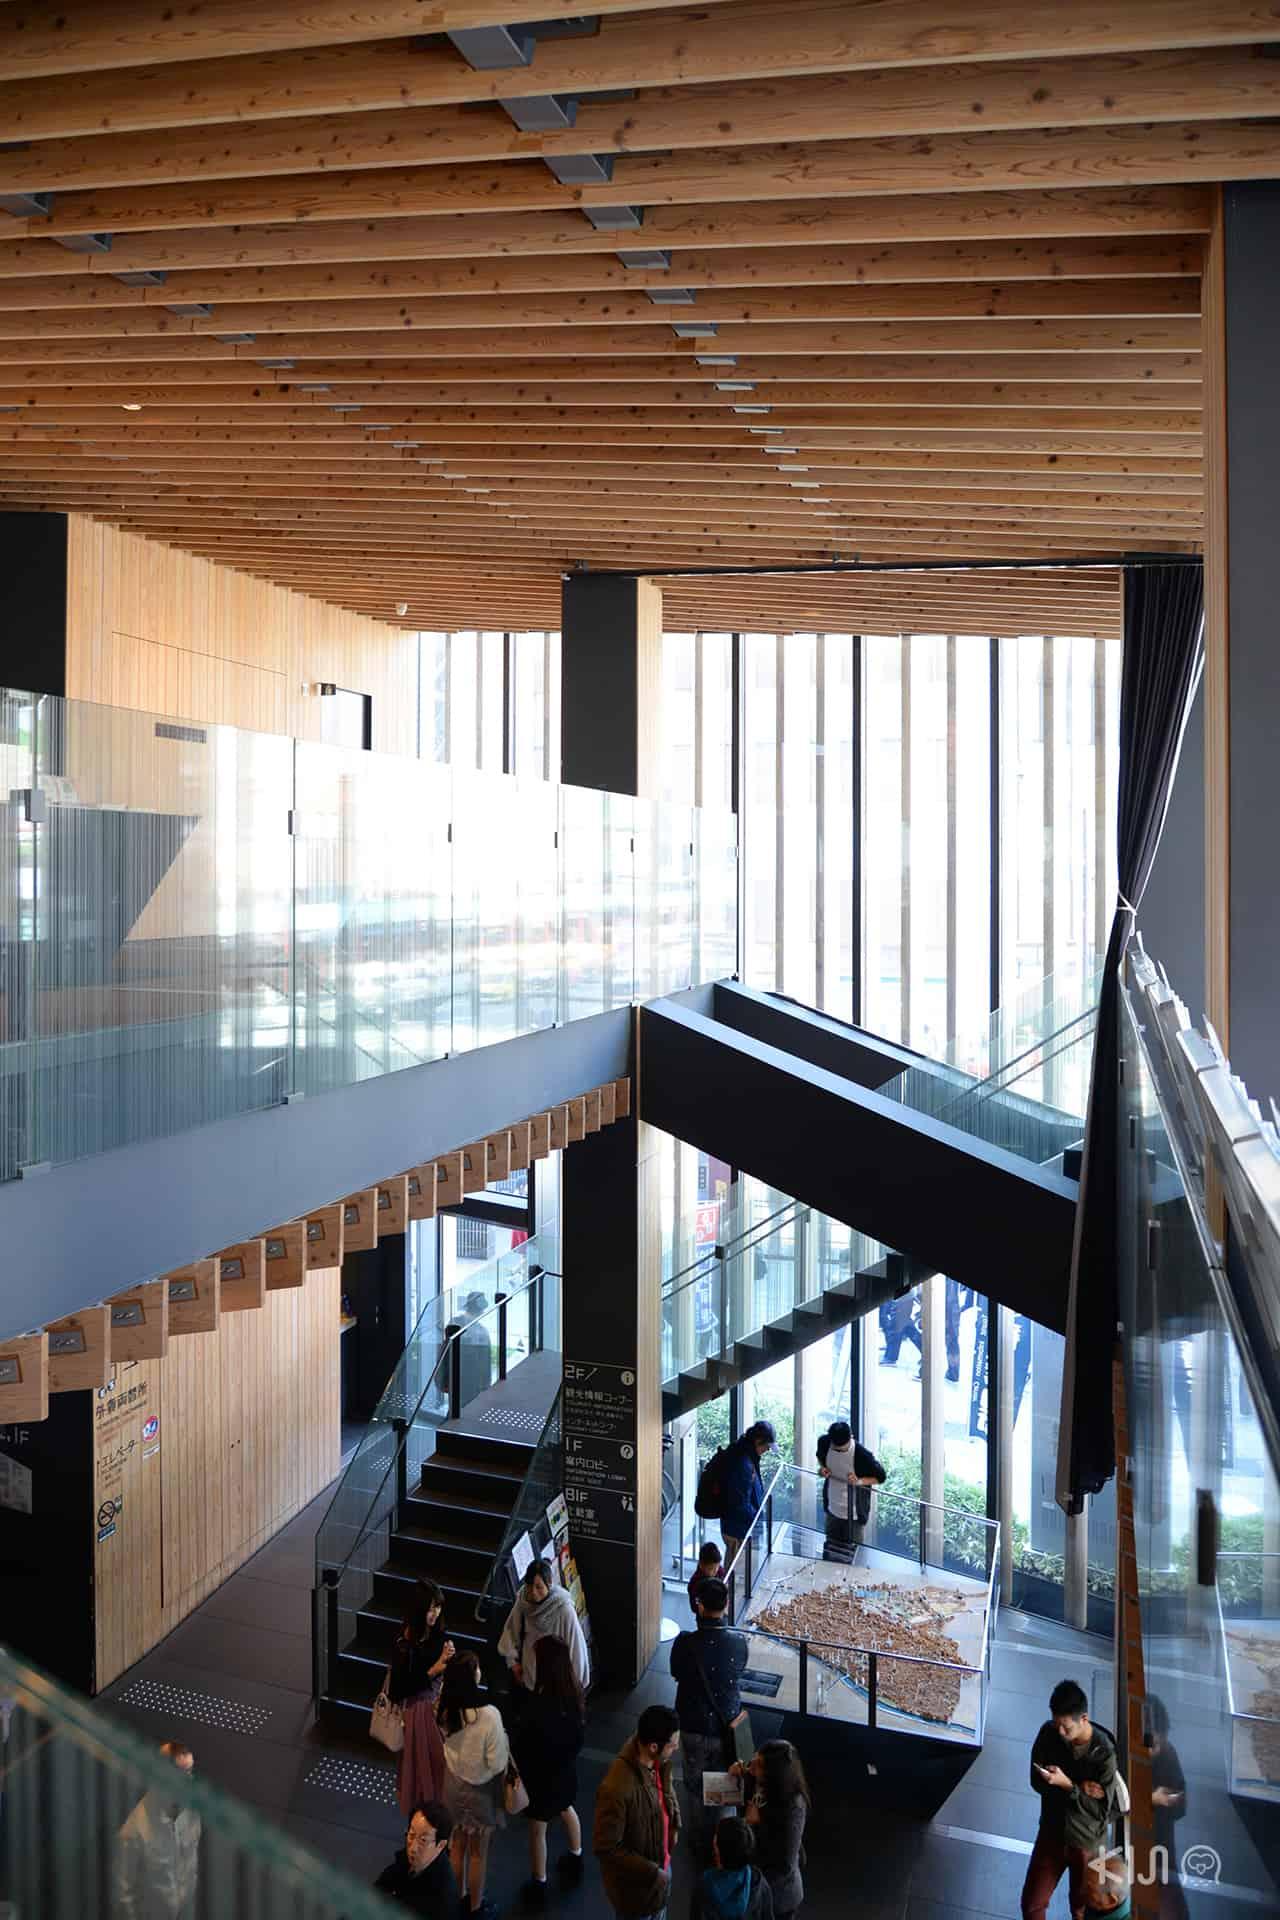 การออกแบบภายในของ Asakusa Culture Tourist Information Center